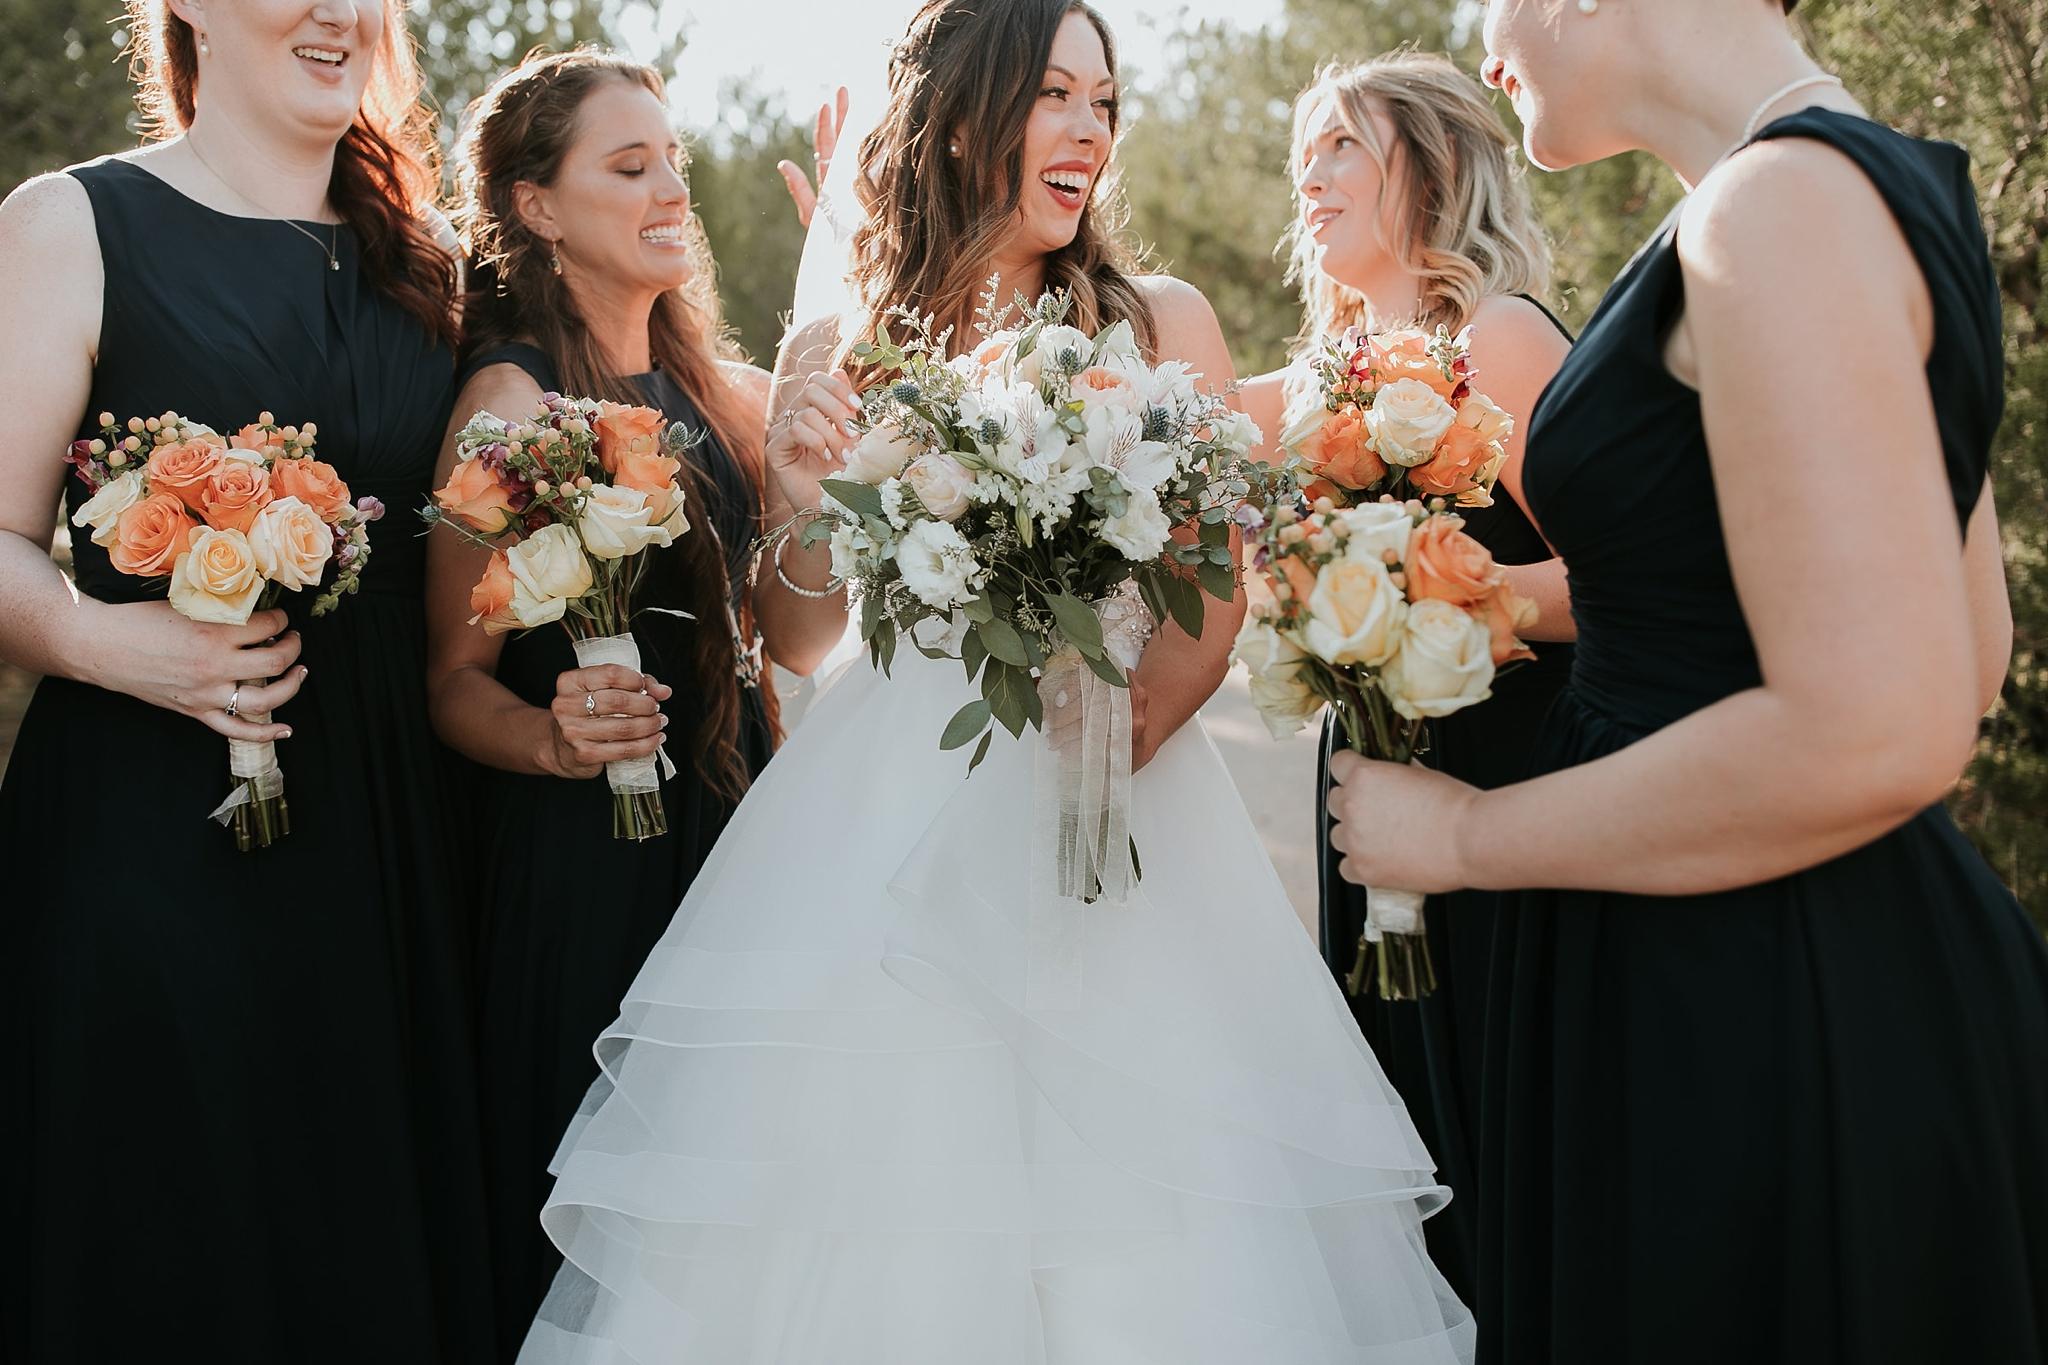 Alicia+lucia+photography+-+albuquerque+wedding+photographer+-+santa+fe+wedding+photography+-+new+mexico+wedding+photographer+-+new+mexico+wedding+-+new+mexico+wedding+-+colorado+wedding+-+bridesmaids+-+bridesmaid+style_0027.jpg